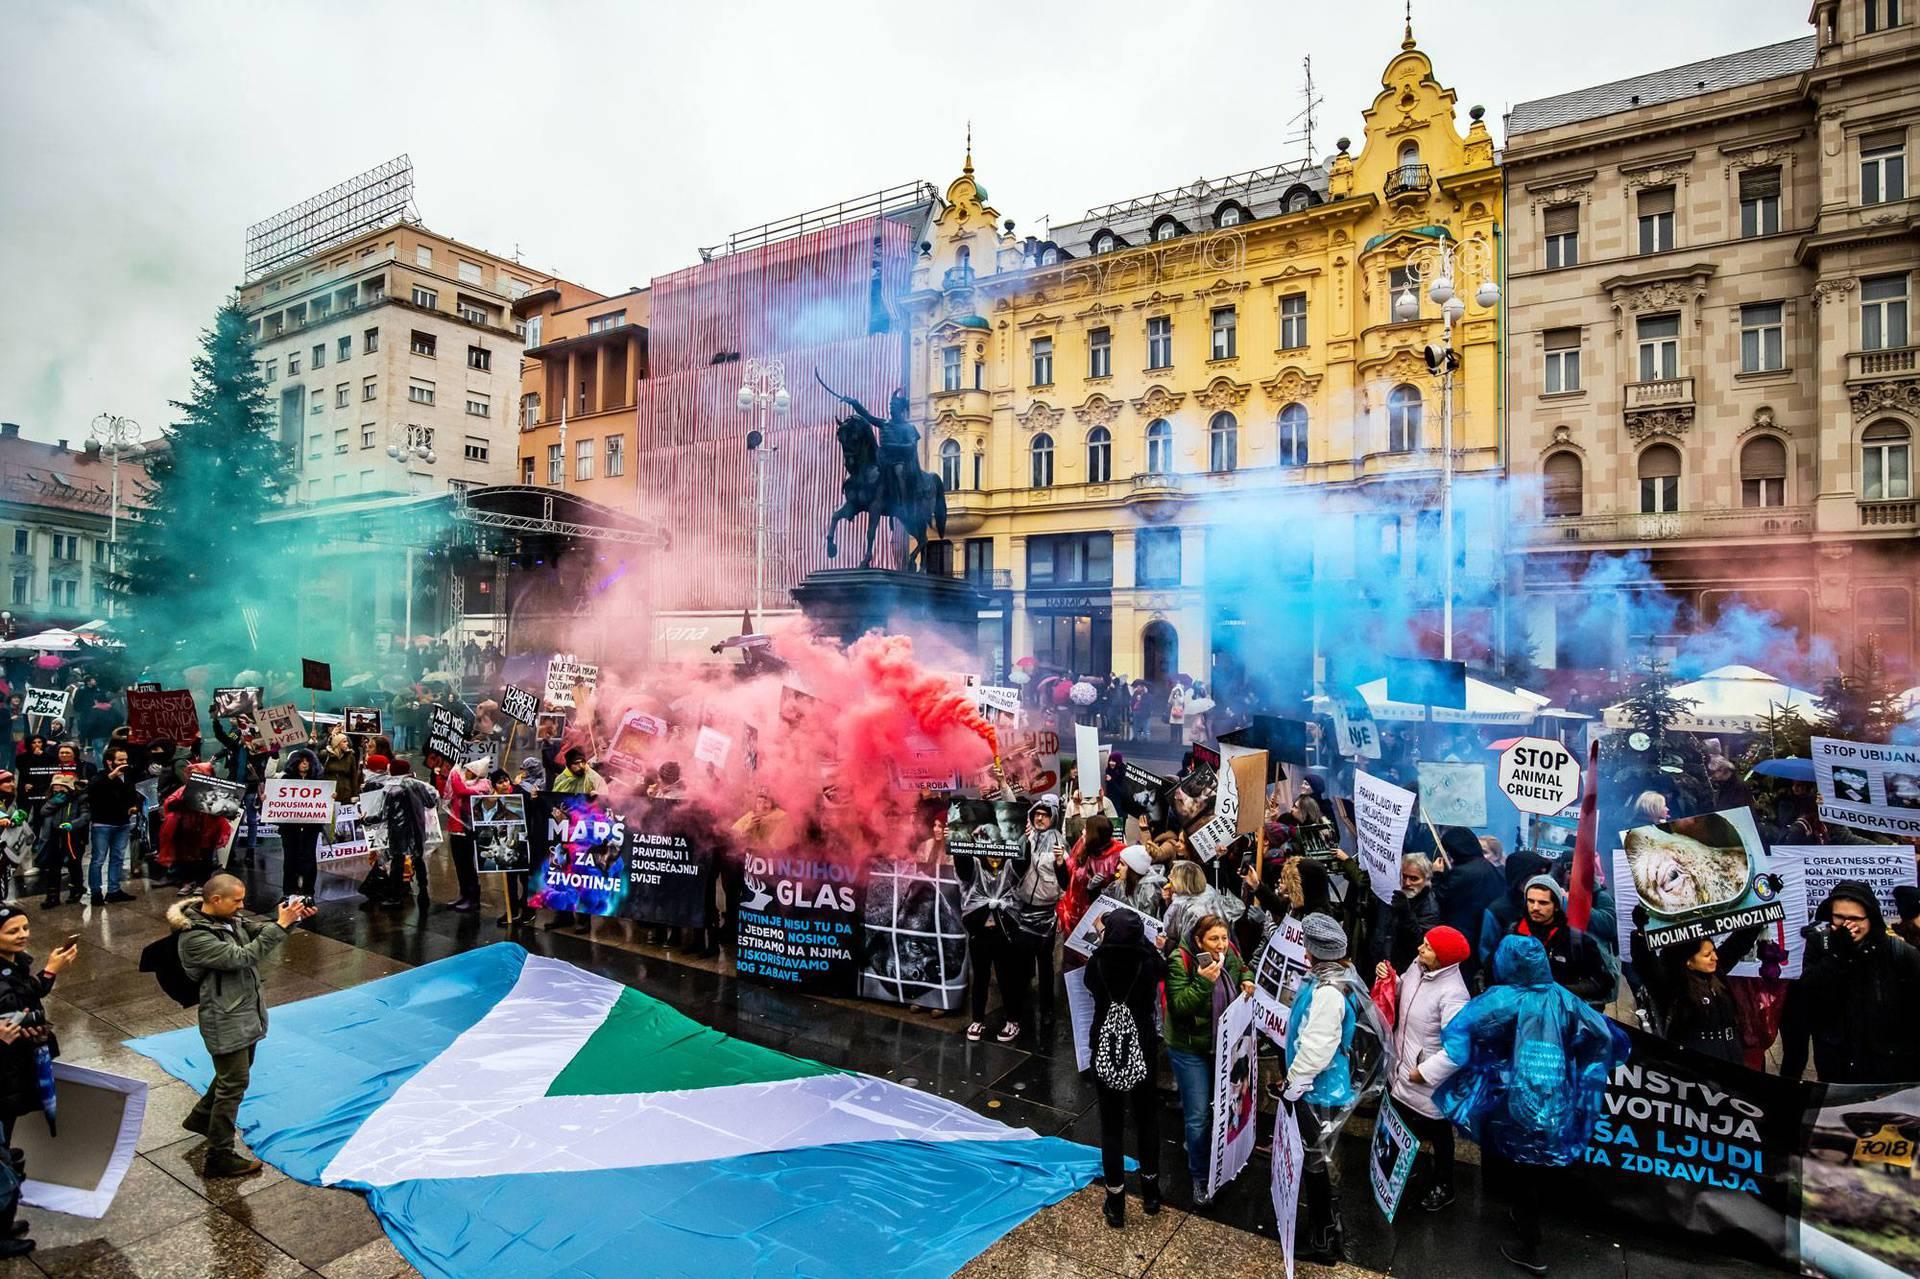 Veganske zastave po Zagrebu: 'Spasite životinje i planet'